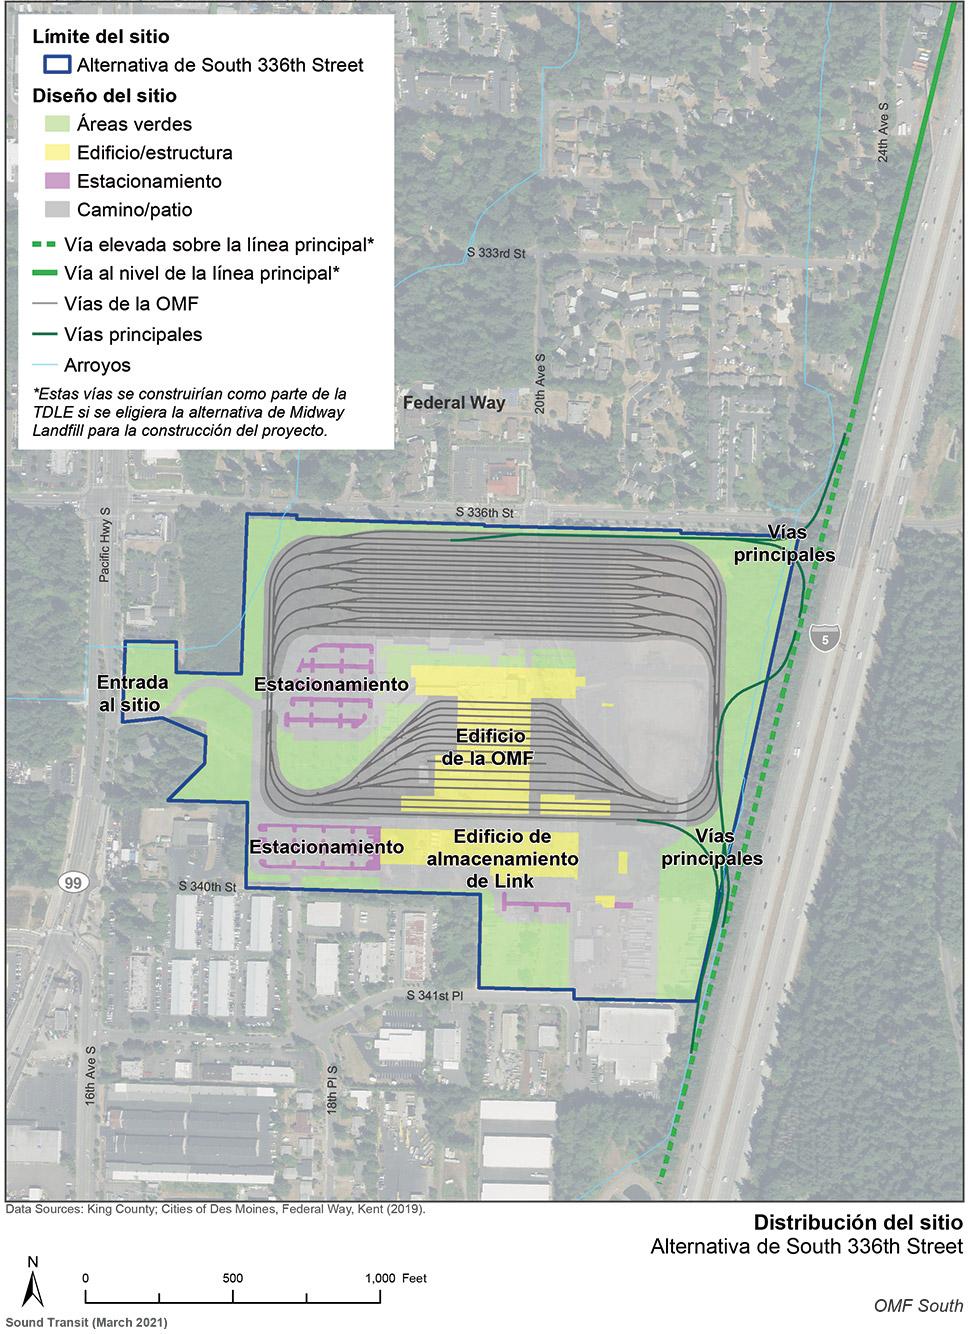 Mapa del sitio de la alternativa de South 336th Street